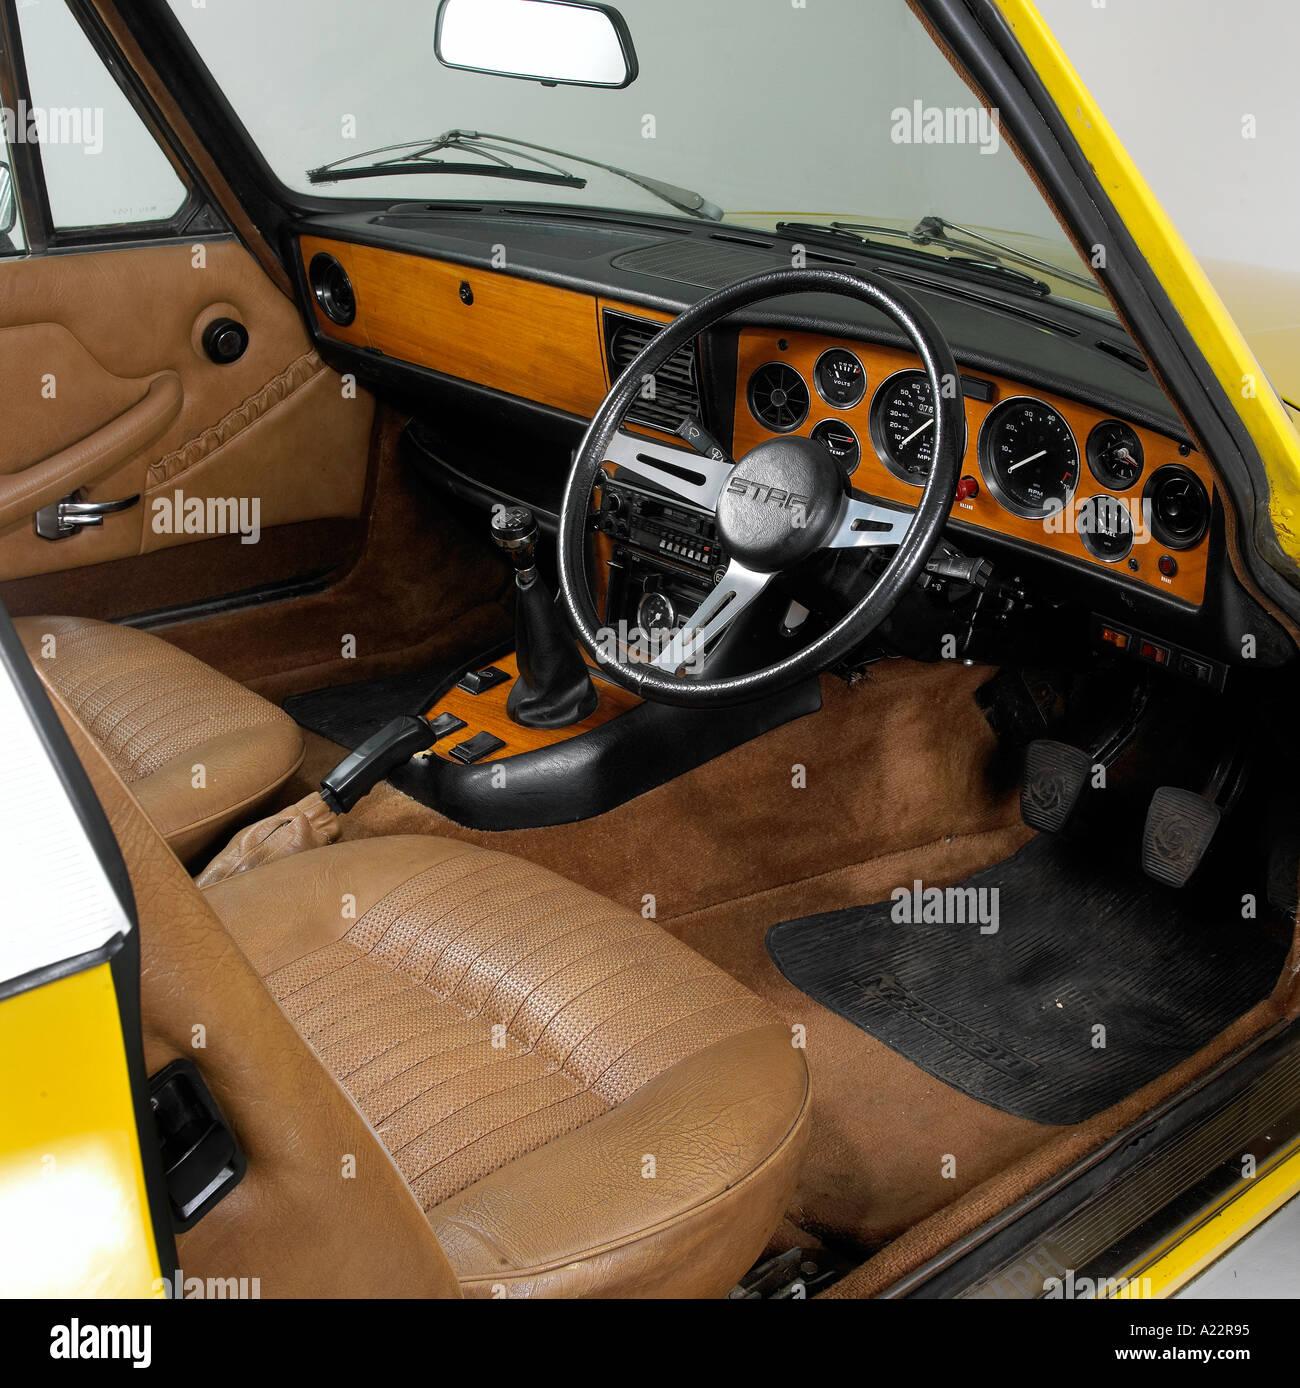 1976 Triumph Stag   Stock Image